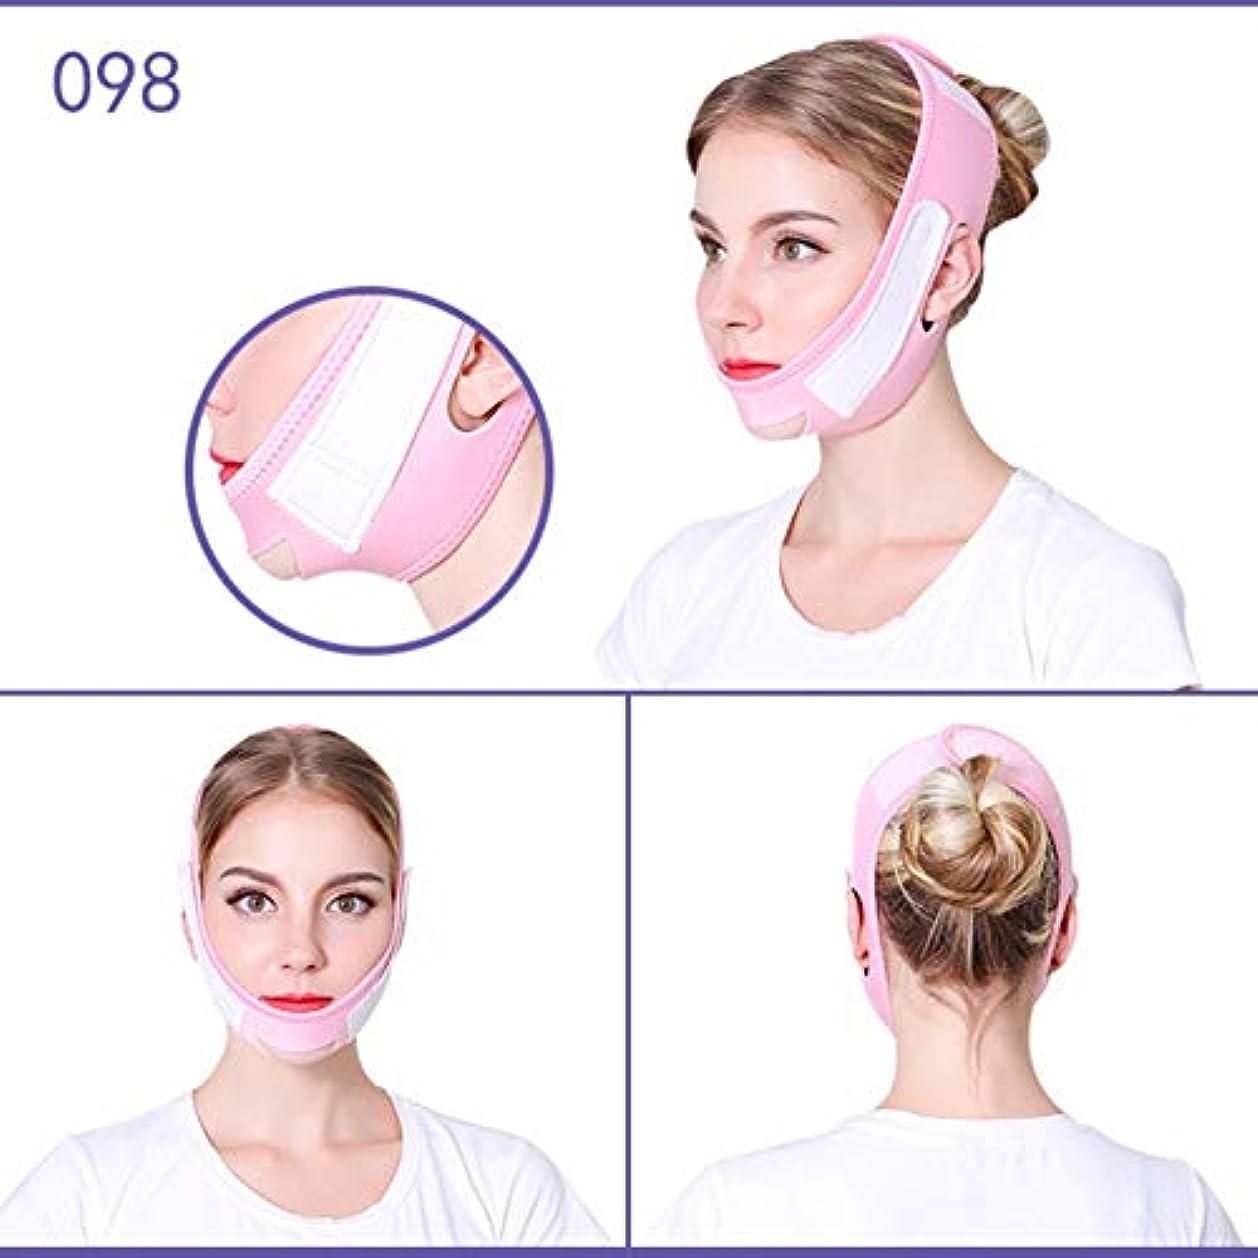 実行する罰欠点Balai フェイススリムVラインリフトアップマスク頬チンネックスリミング薄いストラップアンチリンクルフェイシャルシンフェイスマスクスリミング